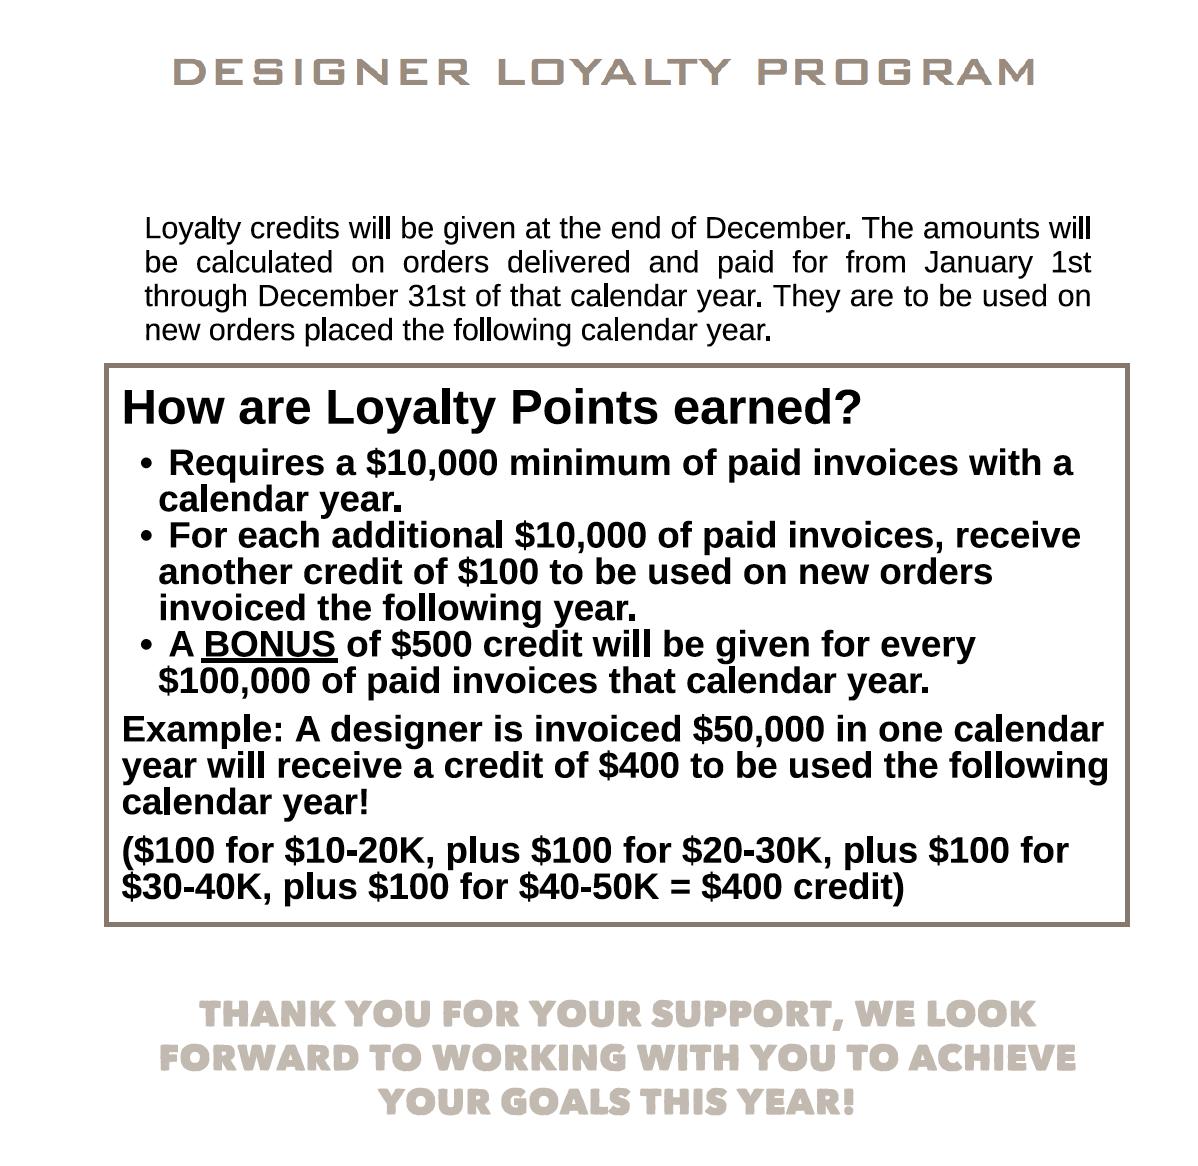 designerloyaltyprogram